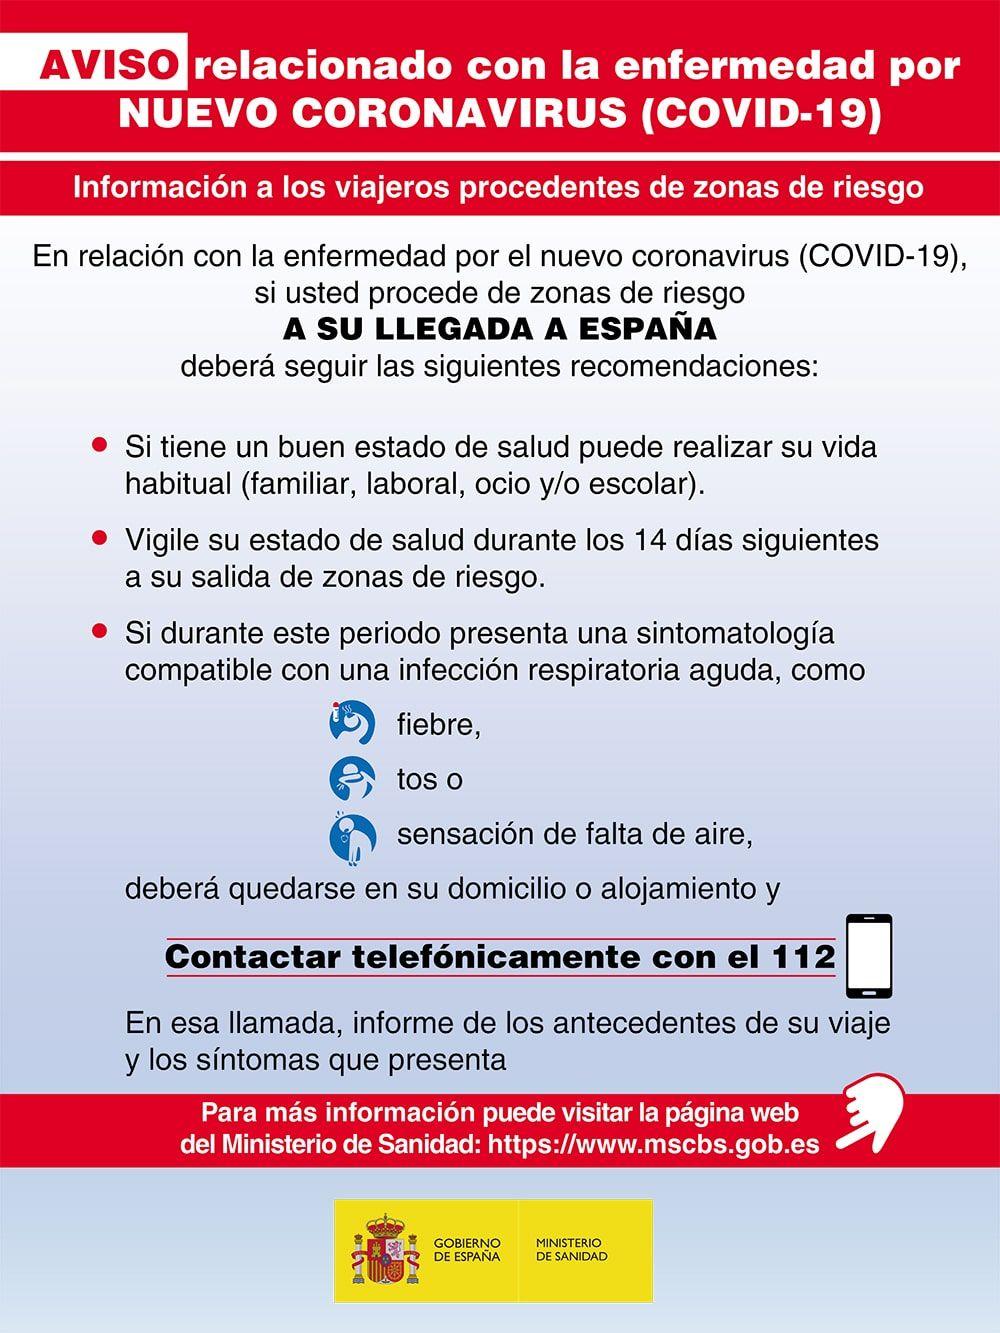 1584305380130_Informacion-a-los-viajeros-procedentes-de-zonas-de-riesgo-por-coronavirus-o-covid-19-Spain-min